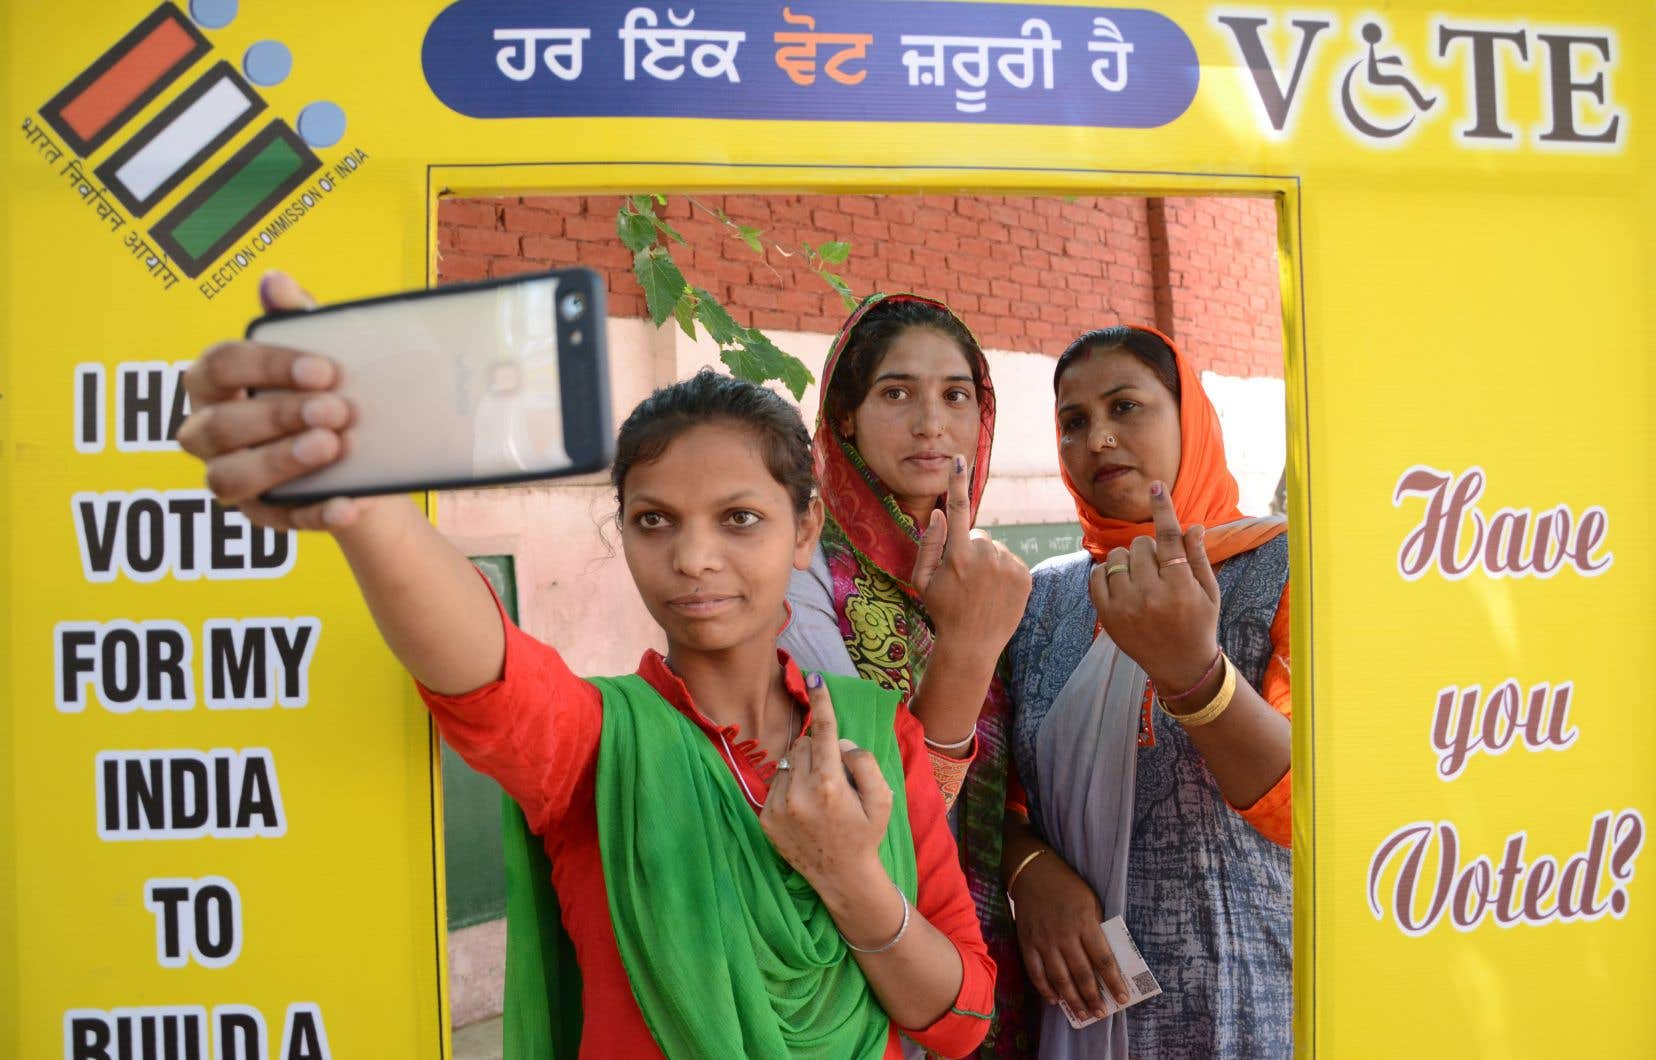 Près de 120millions d'électeurs, sur les 900 au total que compte l'Inde, étaient appelés aux urnes dimanche pour la septième et ultime phase de ce scrutin uninominal majoritaire à un tour.